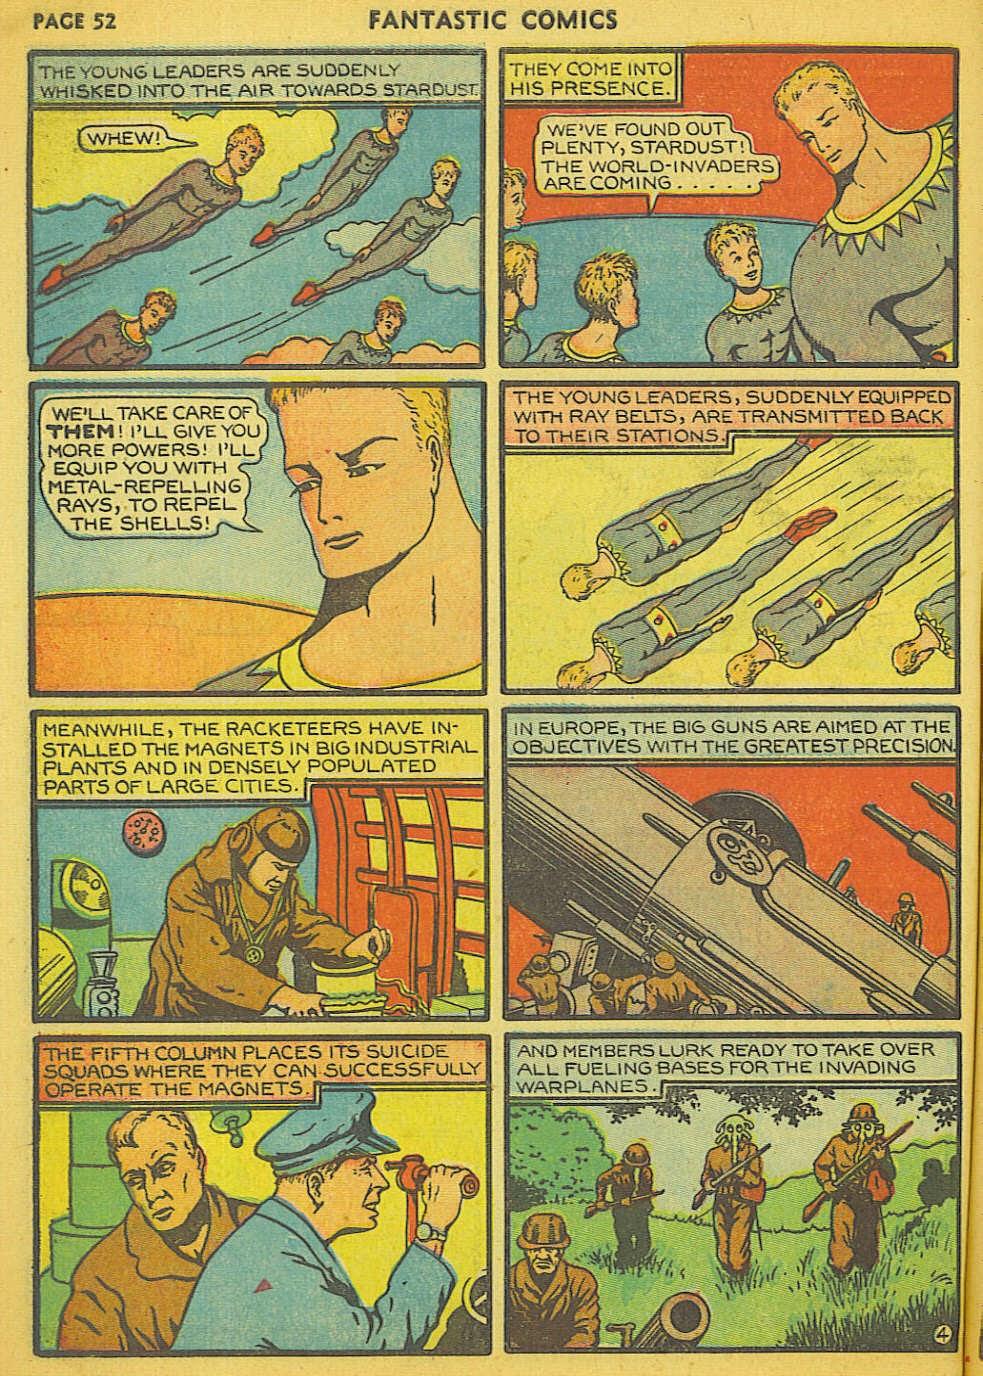 Read online Fantastic Comics comic -  Issue #15 - 47